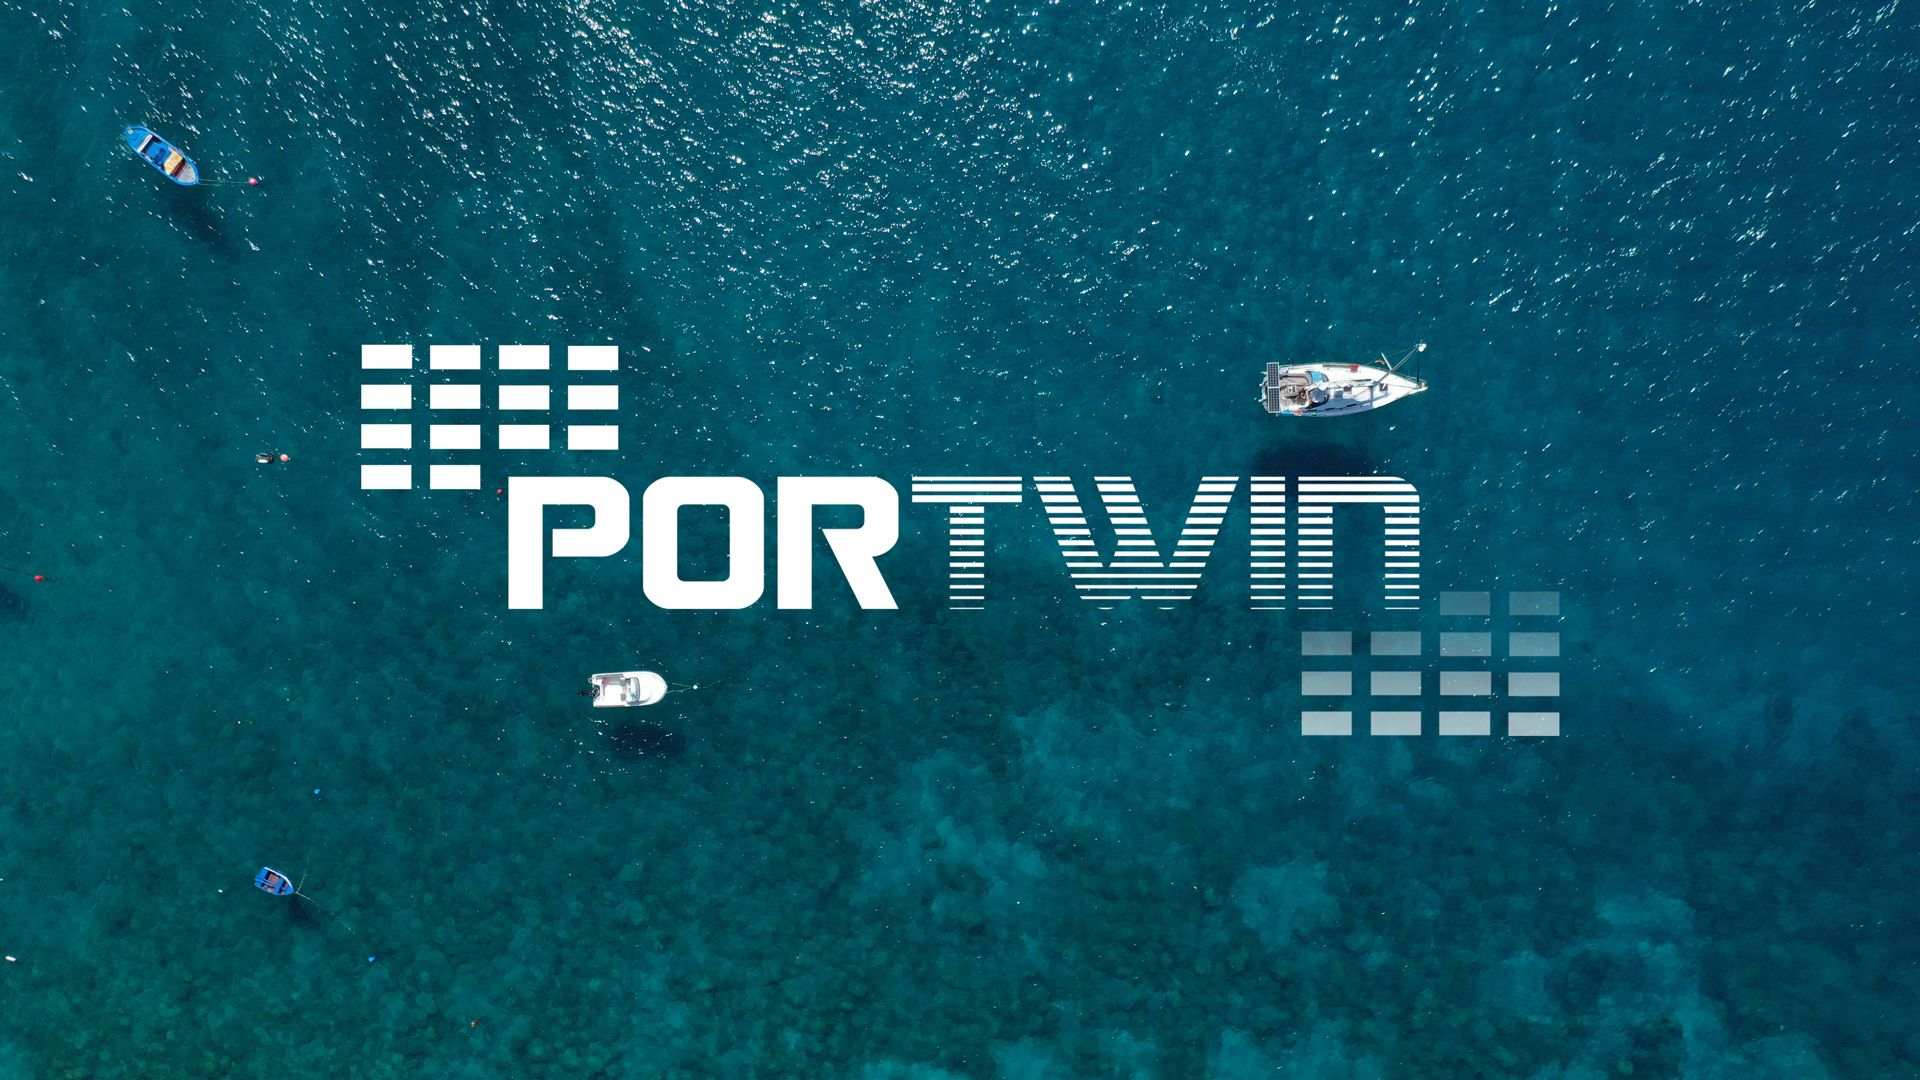 Una startup valenciana presentará en Expodrónica una revolucionaria técnica para mapear el fondo marino en costa usando drones aéreos